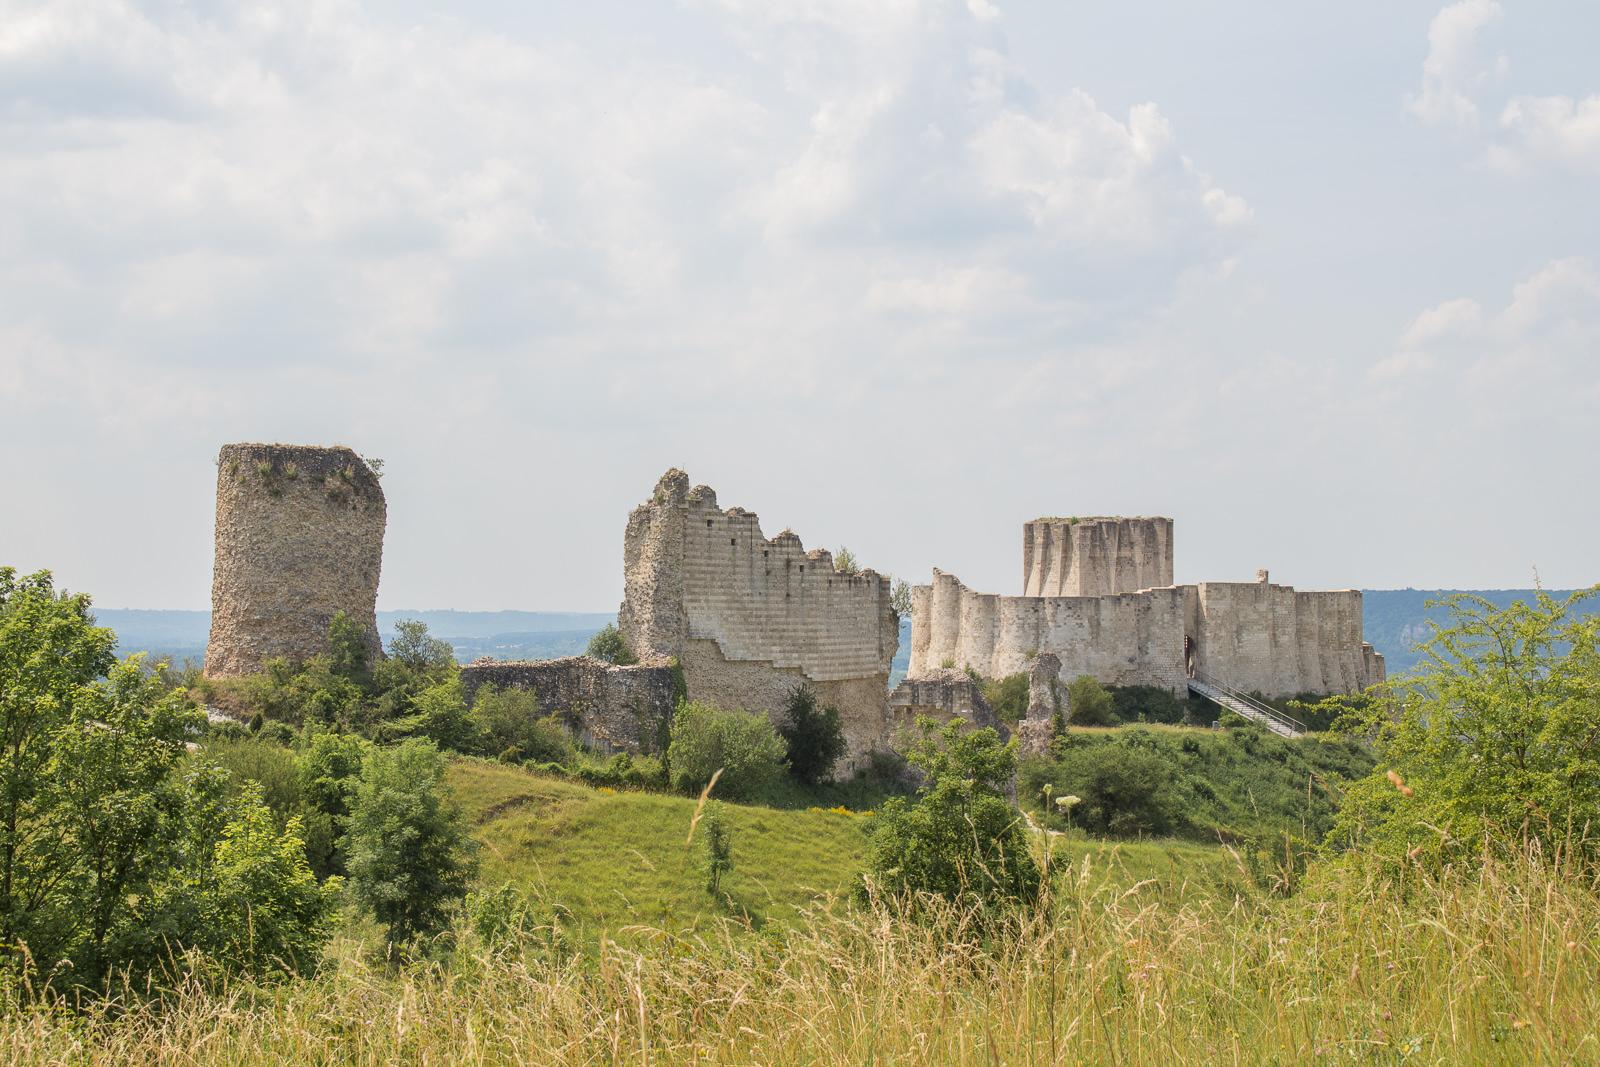 Château Gaillard, Les Andelys, Petit Andely, Normandie, Eure